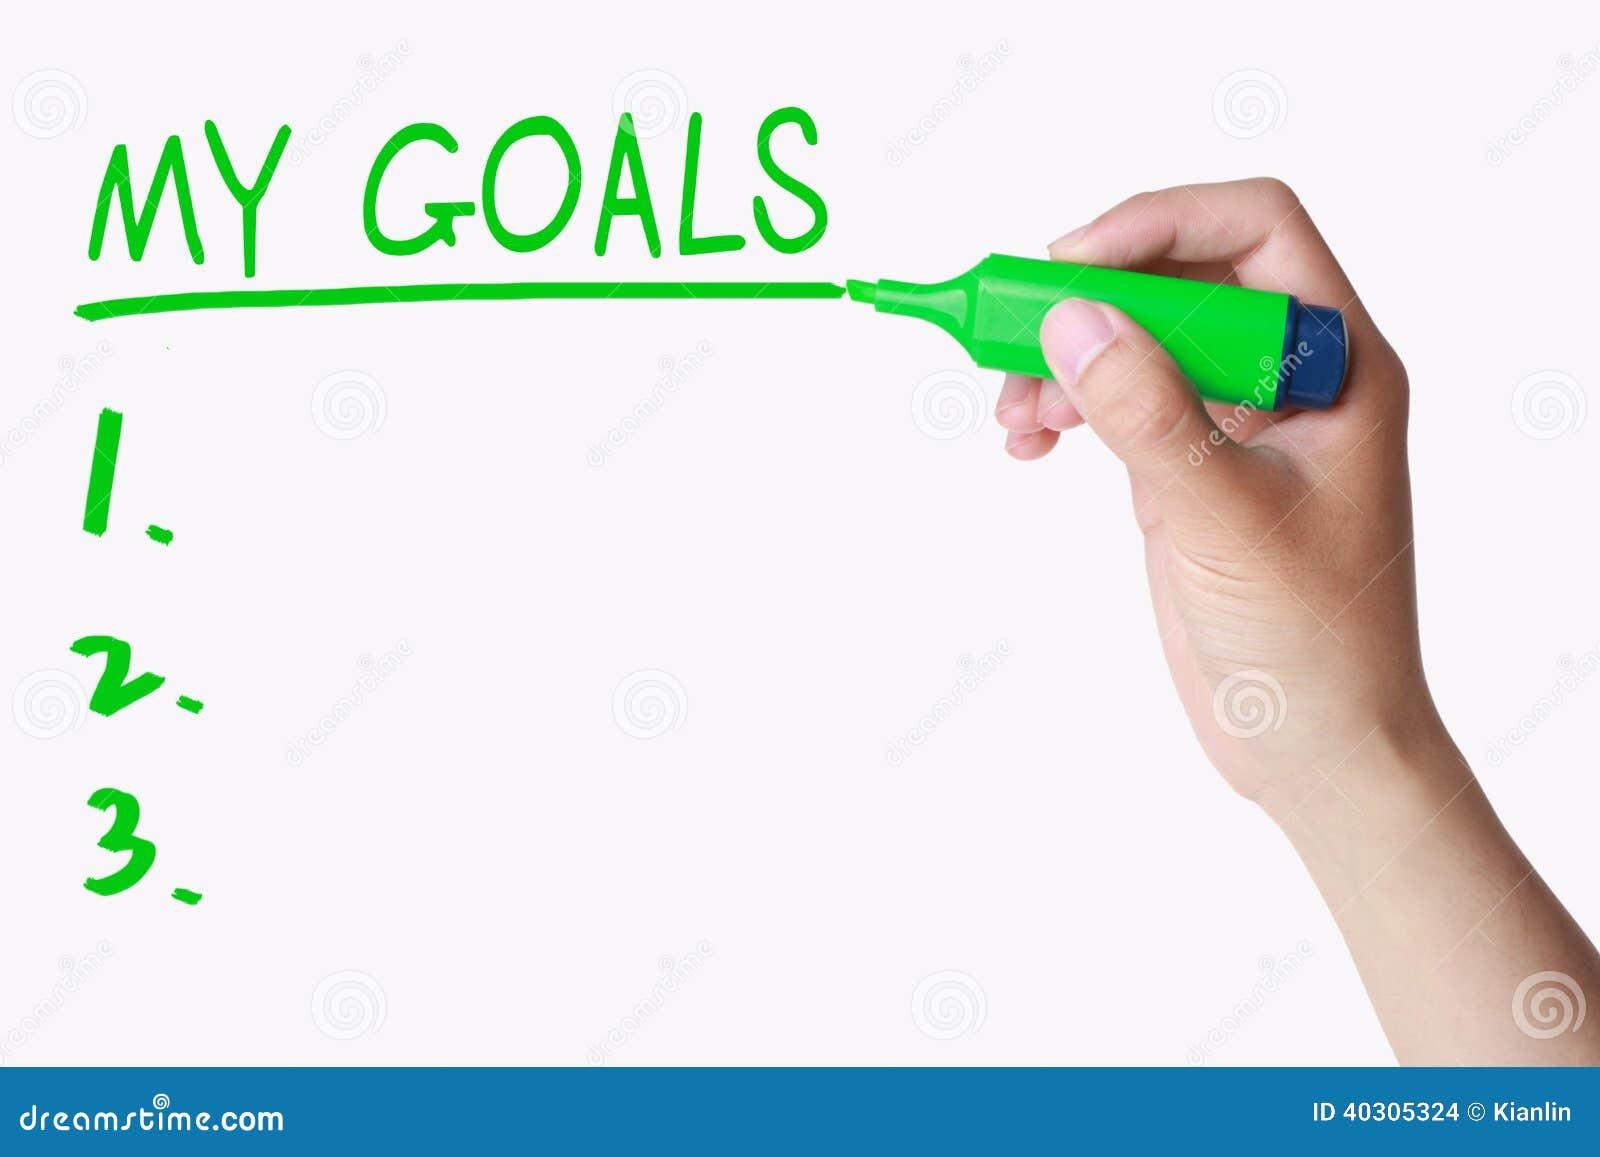 essay dreams goals